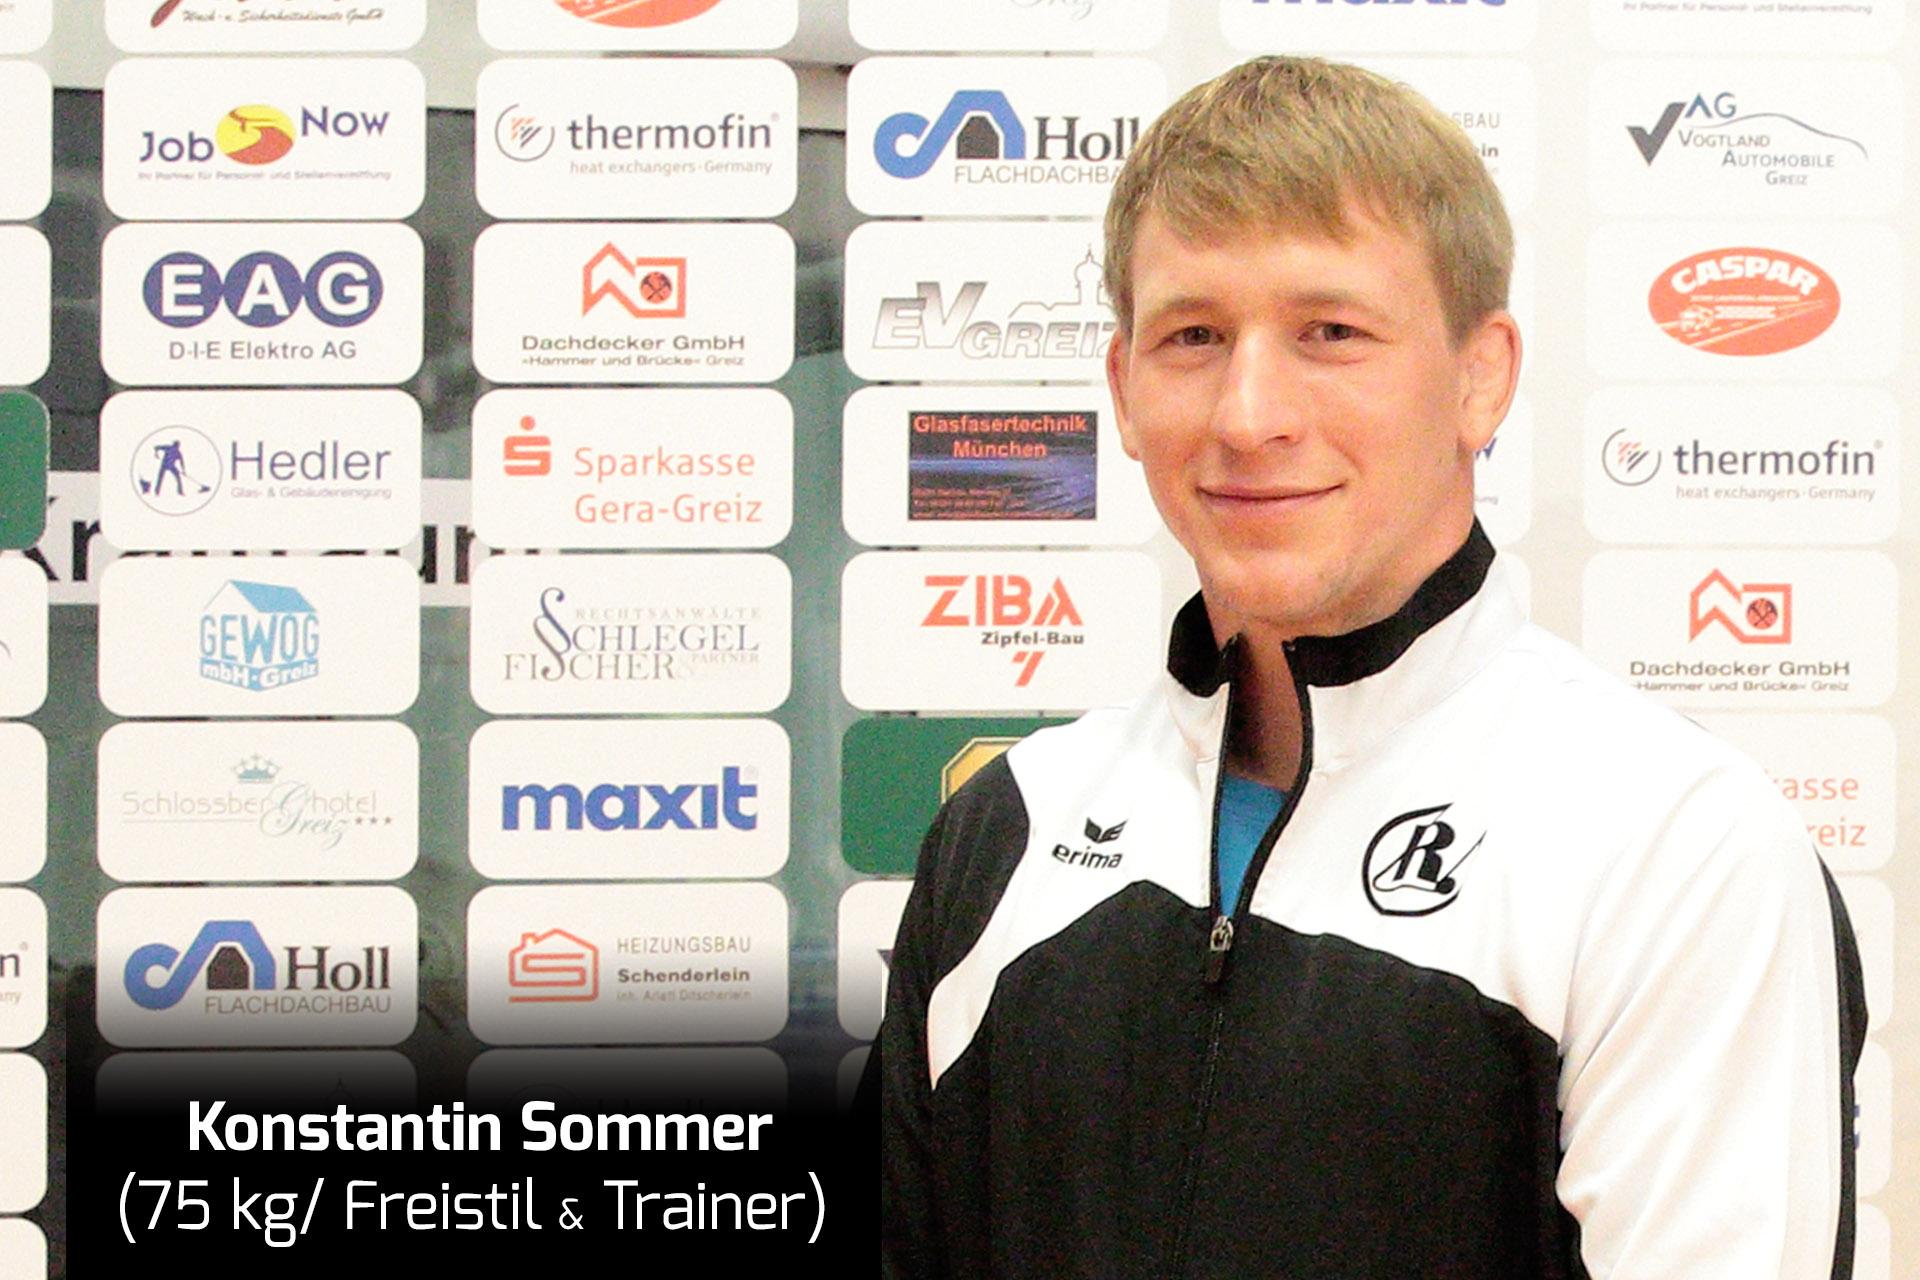 Konstantin Sommer